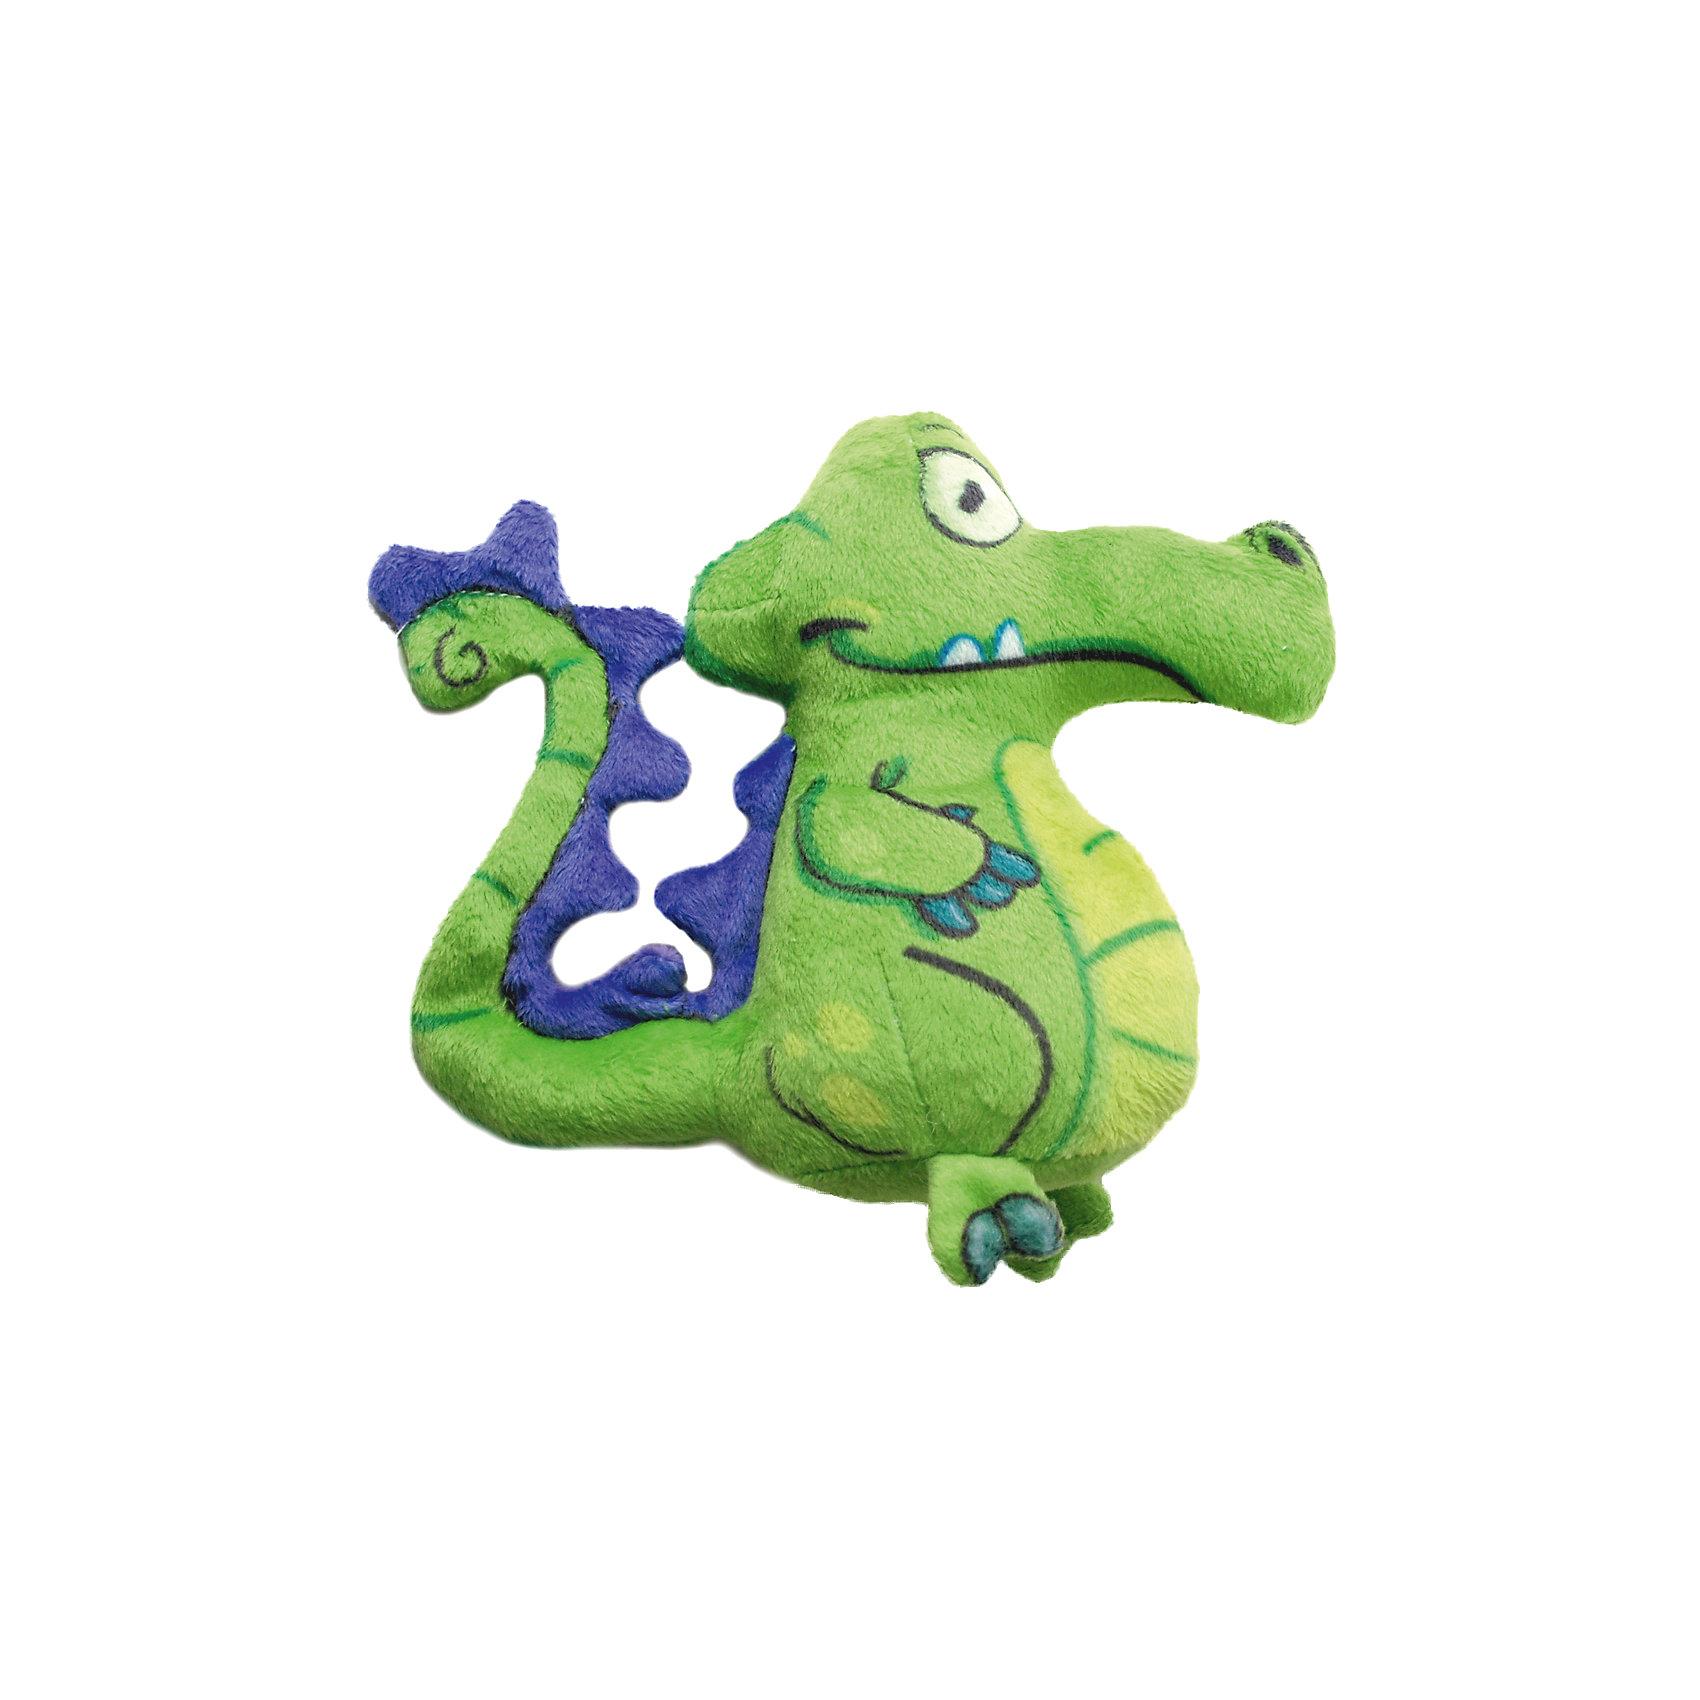 Игрушка для ванной Крокодильчик Свомпи, Disney, 13 смИгрушки - постирай-ки<br>Милый крокодил Свомпи подарит много улыбок и радости малышам! Купание с любимым героем станет еще приятнее и интереснее. Игрушка выполнена из мягкого плюша, как только крокодильчик попадает в воду, он начинает расти, с большой мягкой игрушкой можно играть в течение недели. Постепенно Свомпи будет уменьшаться, но как только его снова искупаешь, он опять вырастет. <br><br>Дополнительная информация:<br><br>- Материал: плюш, полиуретан.<br>- Размер: 15х23 см.<br><br>Игрушку для ванной Крокодильчик Свомпи, Disney (Дисней), можно купить в нашем магазине.<br><br>Ширина мм: 22<br>Глубина мм: 146<br>Высота мм: 230<br>Вес г: 46<br>Возраст от месяцев: 36<br>Возраст до месяцев: 72<br>Пол: Унисекс<br>Возраст: Детский<br>SKU: 4219369